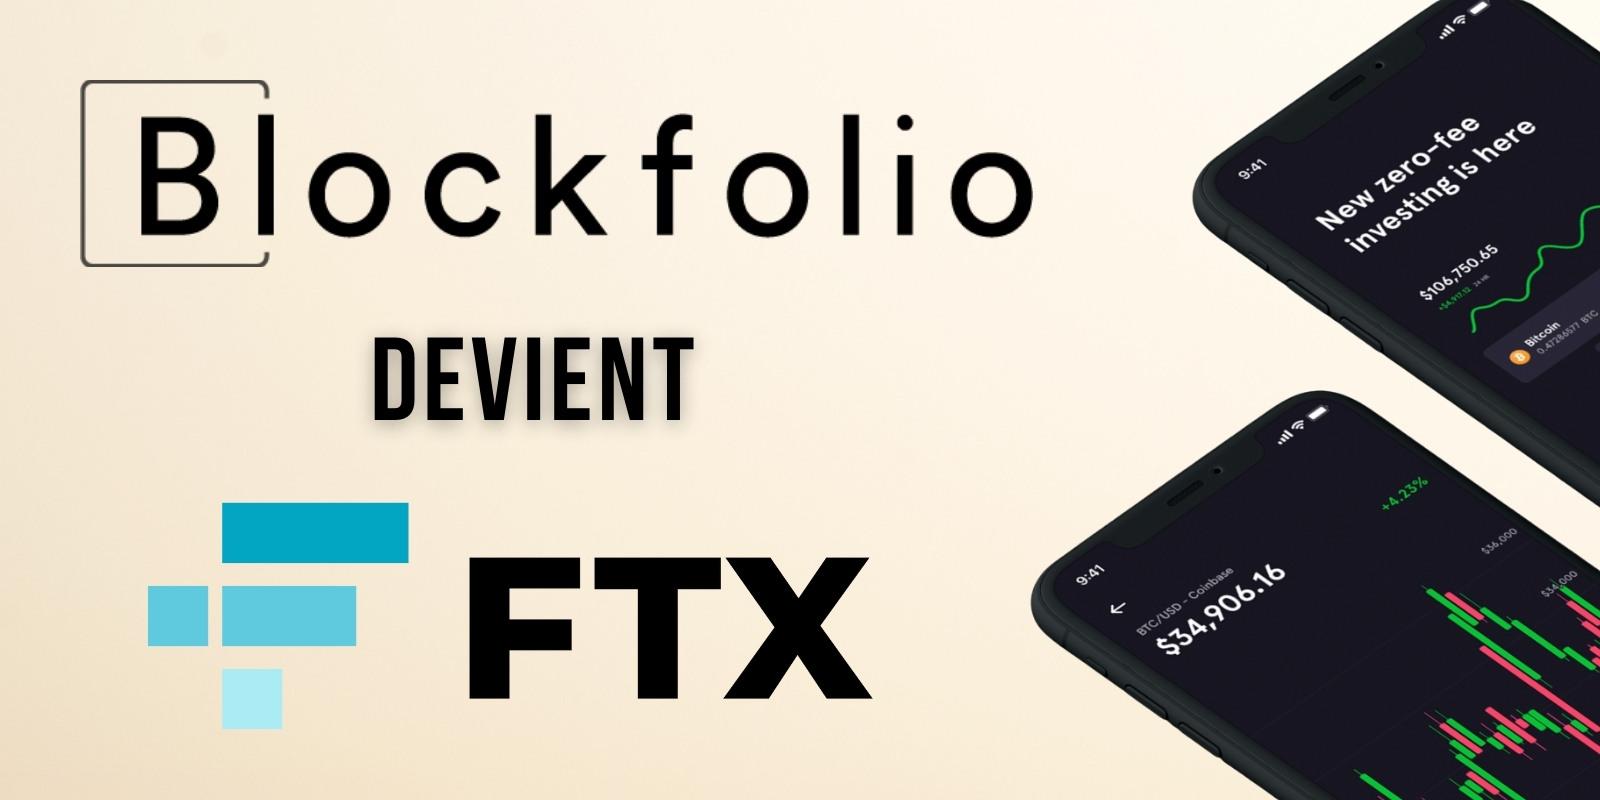 FTX rebaptise l'application de trading Blockfolio en… FTX – Des changements à prévoir ?